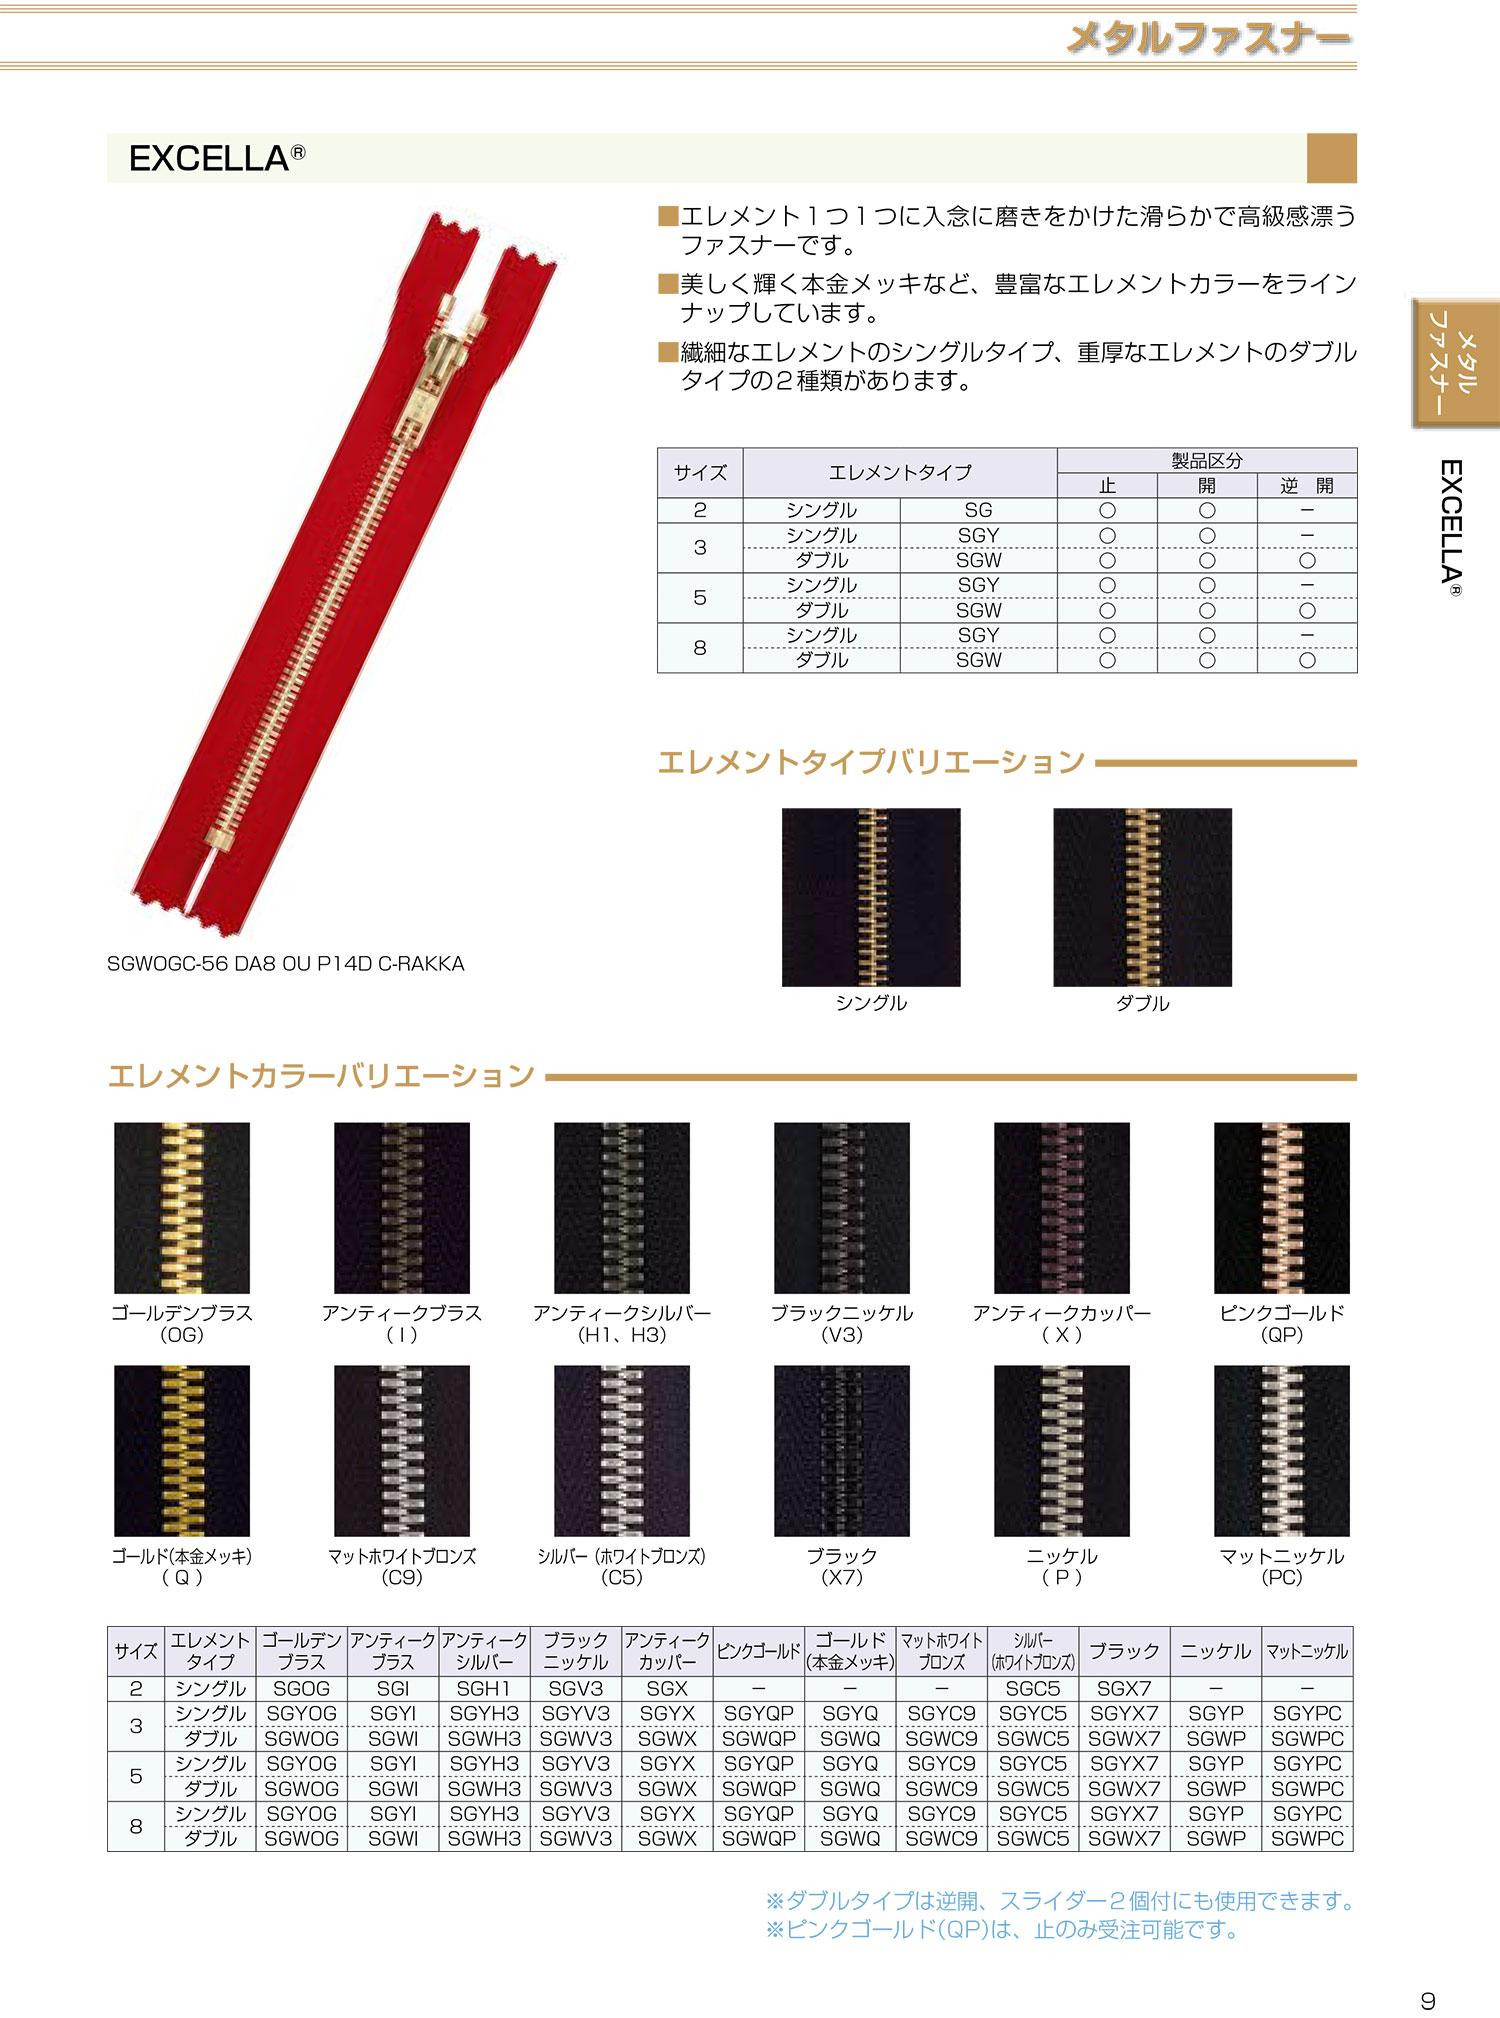 8SGYC9C エクセラ 8サイズ マットホワイトブロンズ 止め シングル[ファスナー] YKK/オークラ商事 - ApparelX アパレル資材卸通販